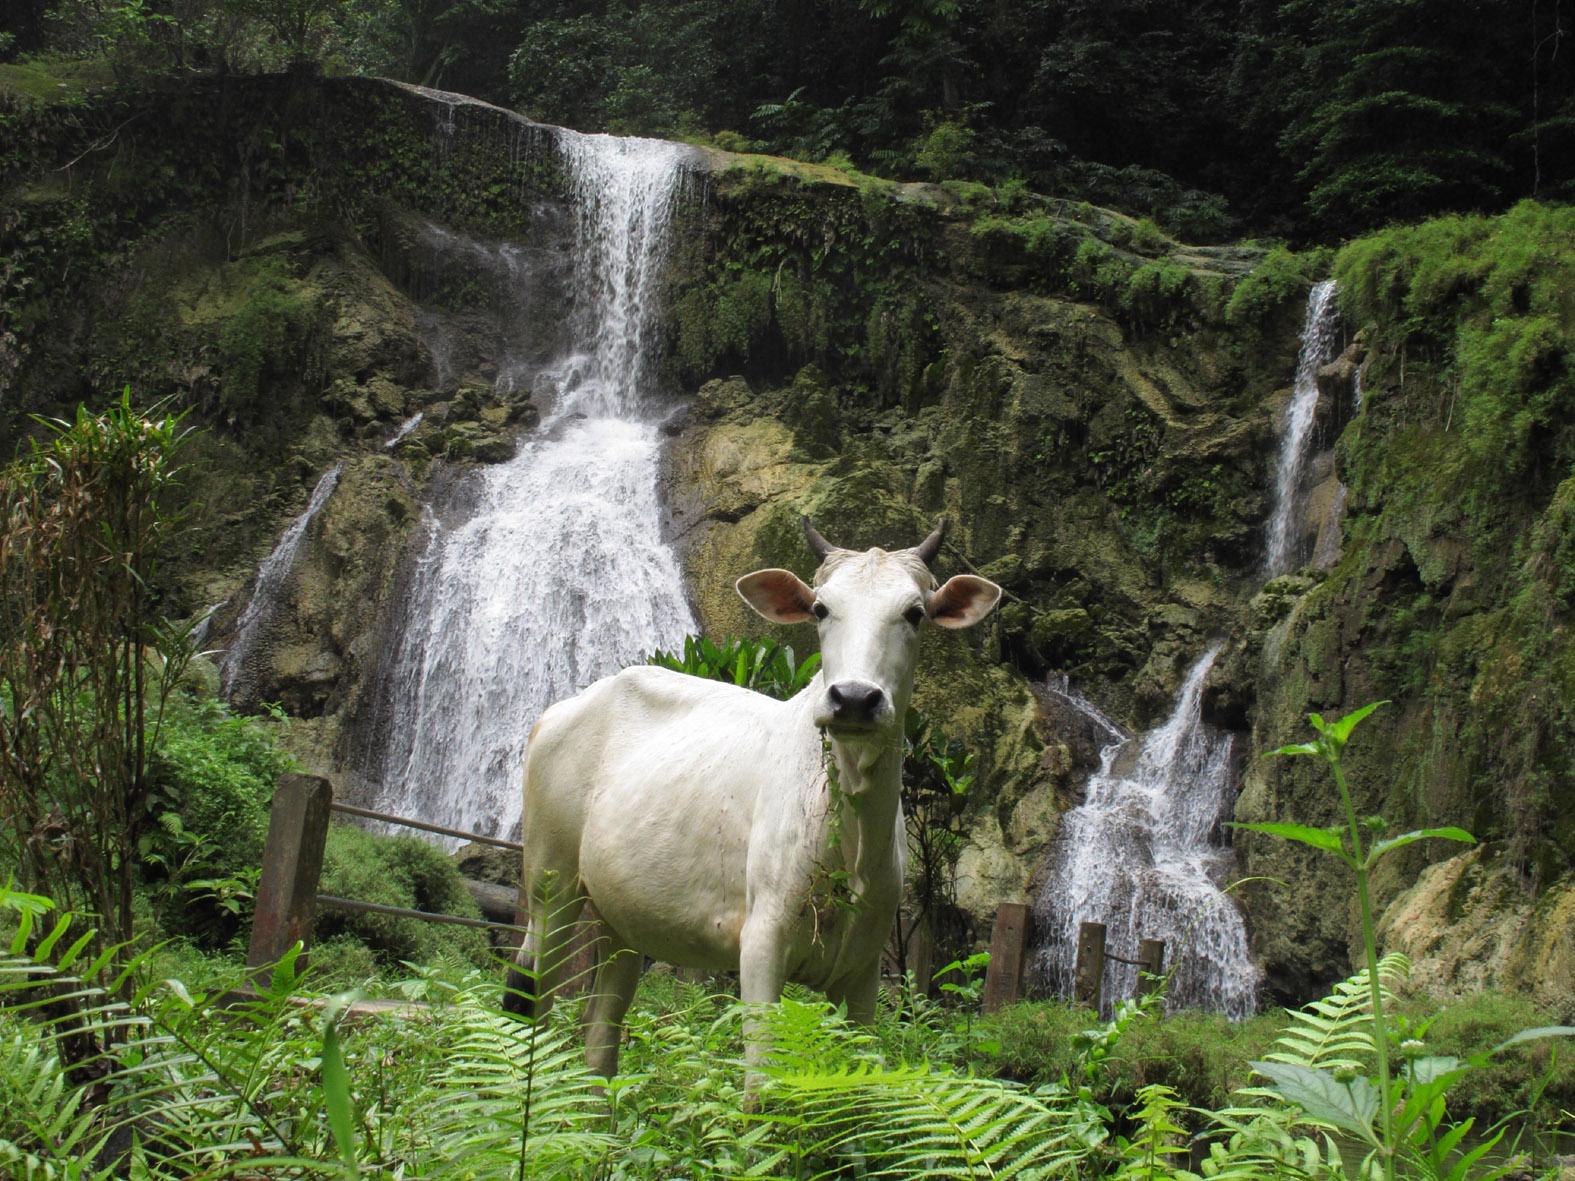 foto van een geit met op de achtergrond watervalletjes